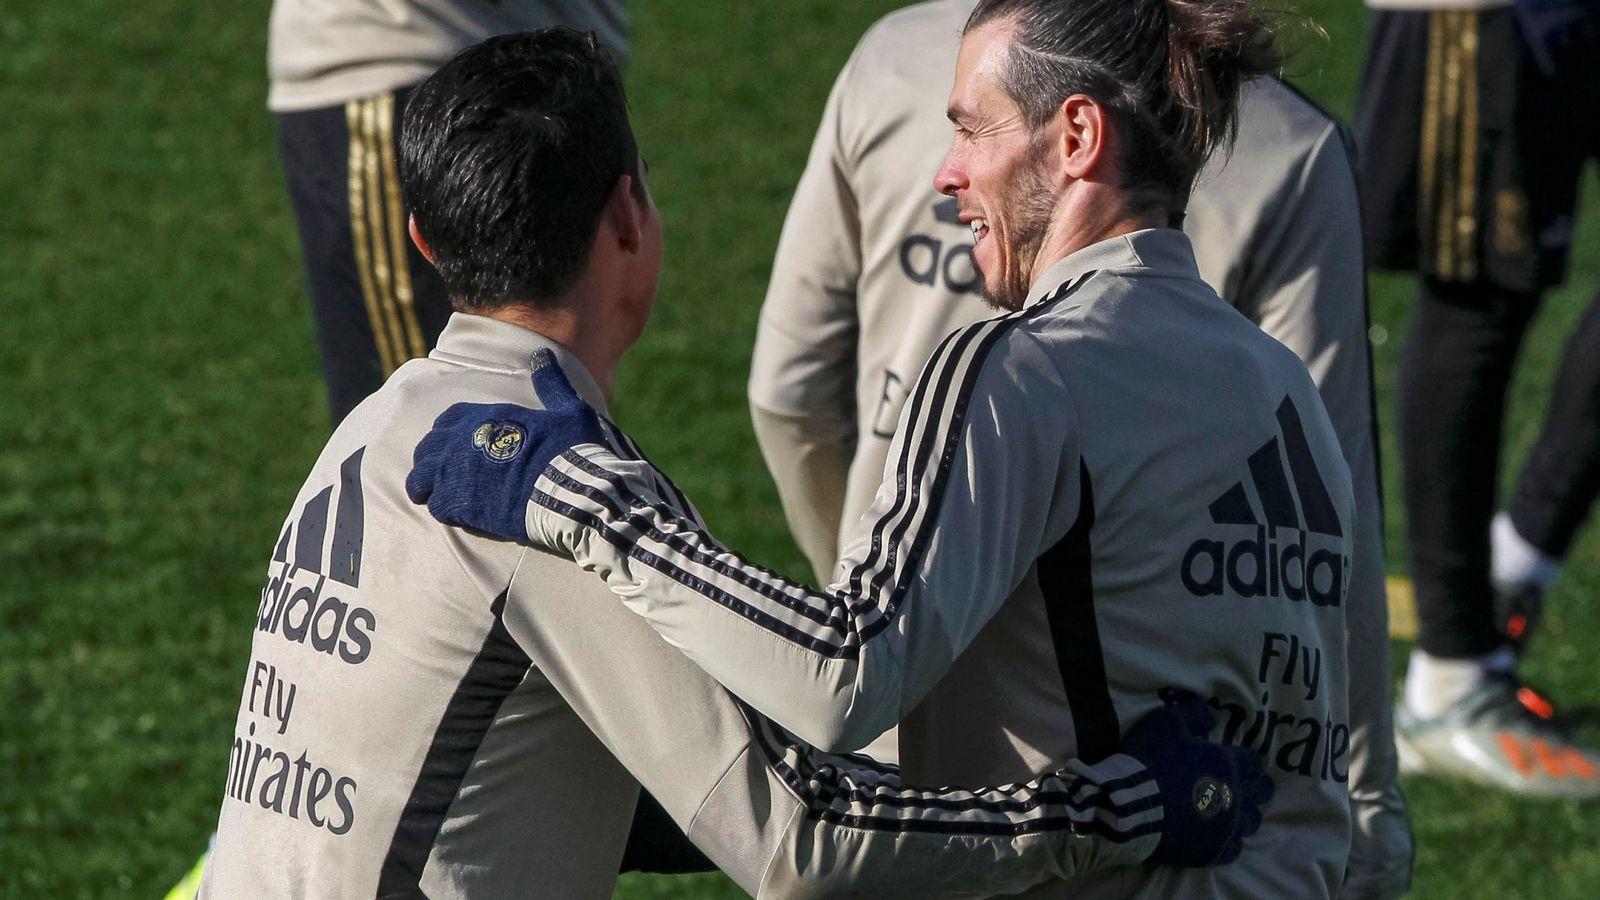 El Madrid se lleva a Ramos a Mánchester, aunque no puede jugar, y se deja a Bale